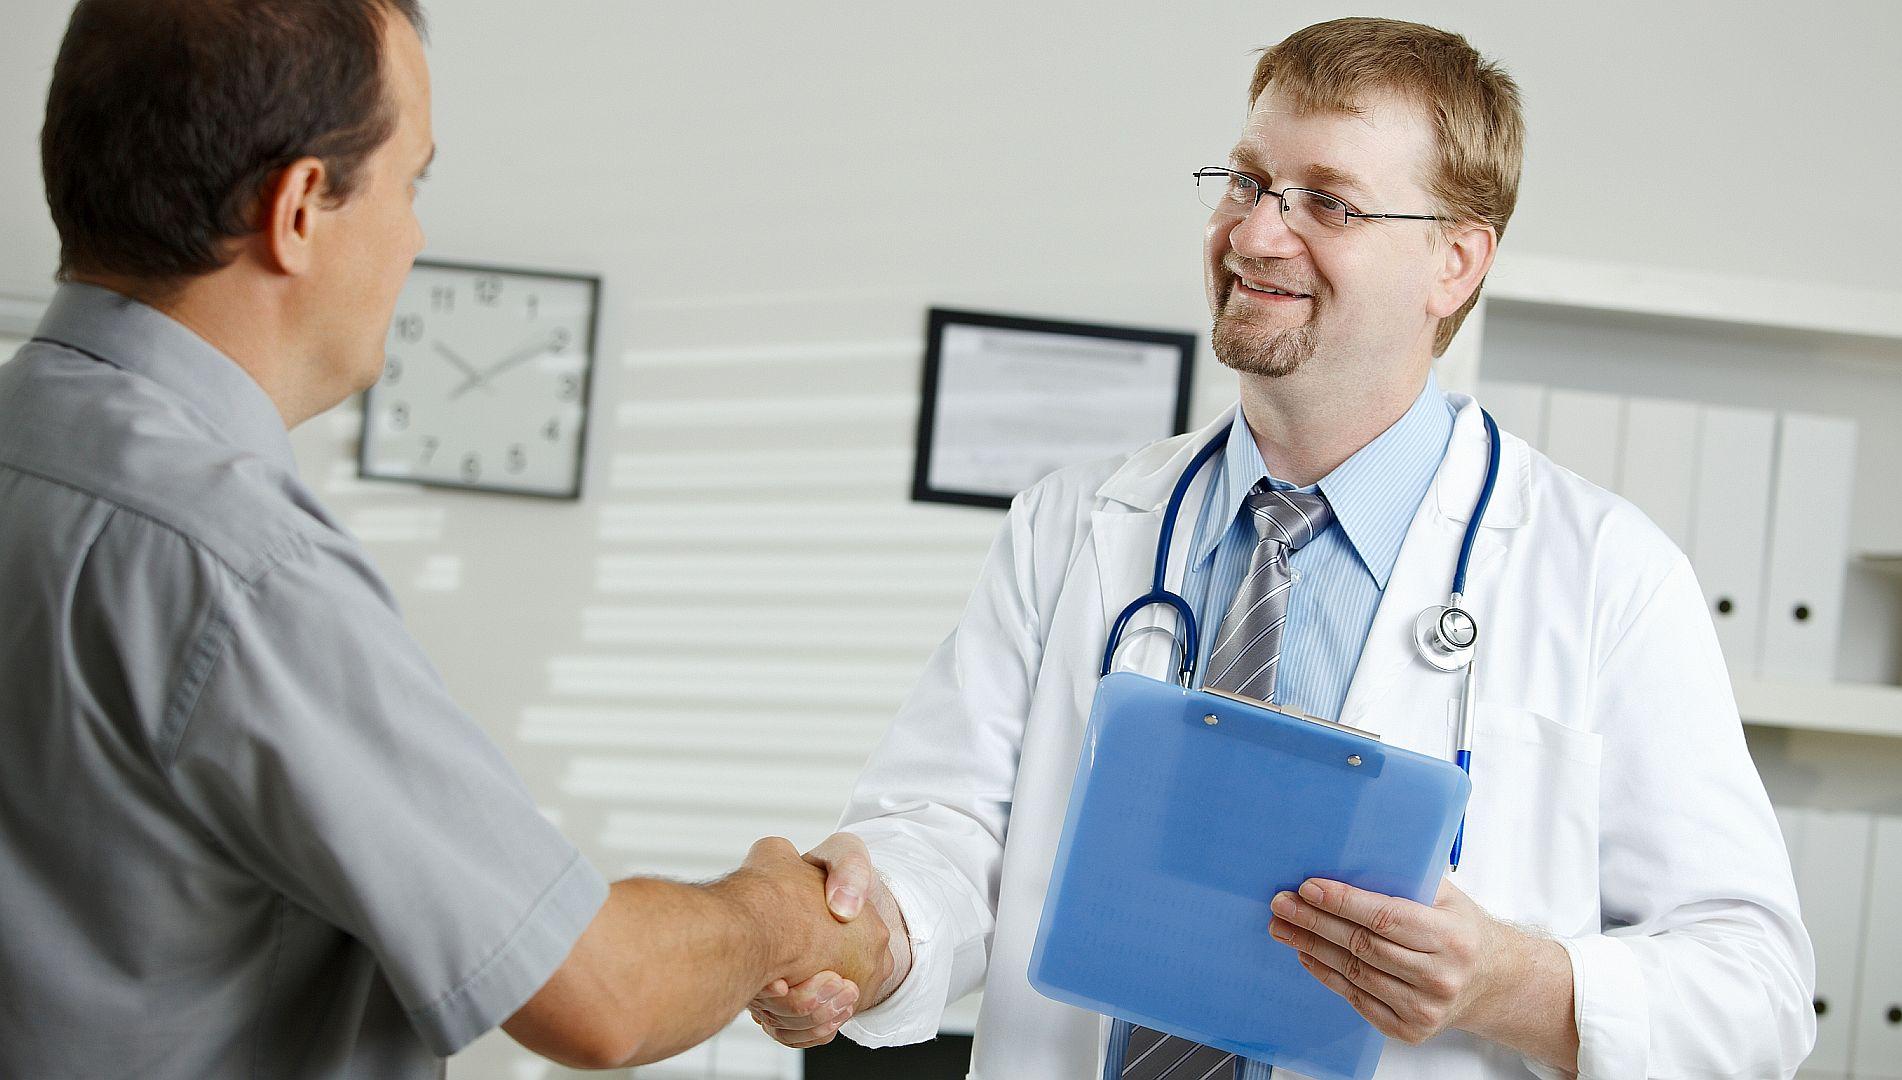 Cardiologen, oncologen en geriaters in drie Friese ziekenhuizen zijn gestart met een experiment met gedeelde besluitvorming van arts en patiënt.